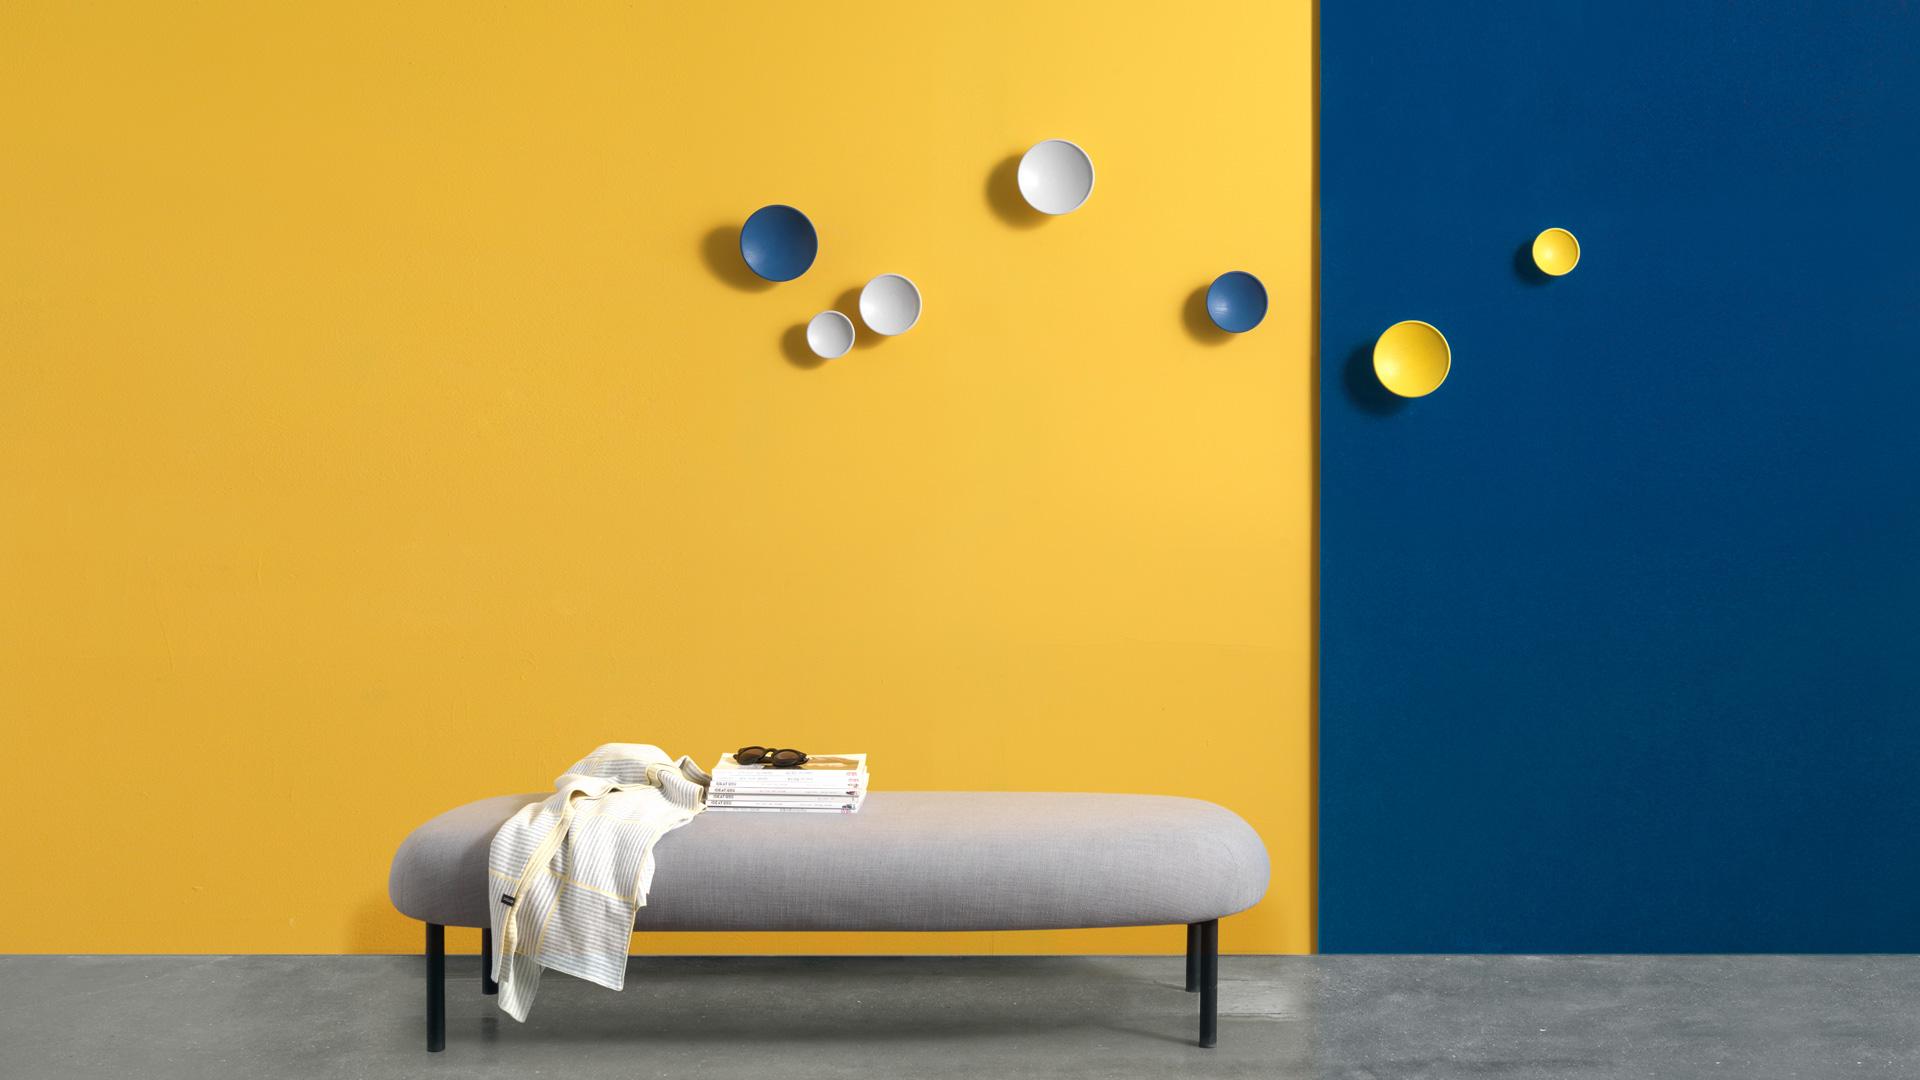 柠黄、米白、湖蓝,造作独家NCS自然色彩体系明亮3色,与3种形态大小混合搭配,形成跳动的视觉点缀,仿佛一条明媚的小奏鸣曲。?x-oss-process=image/format,jpg/interlace,1